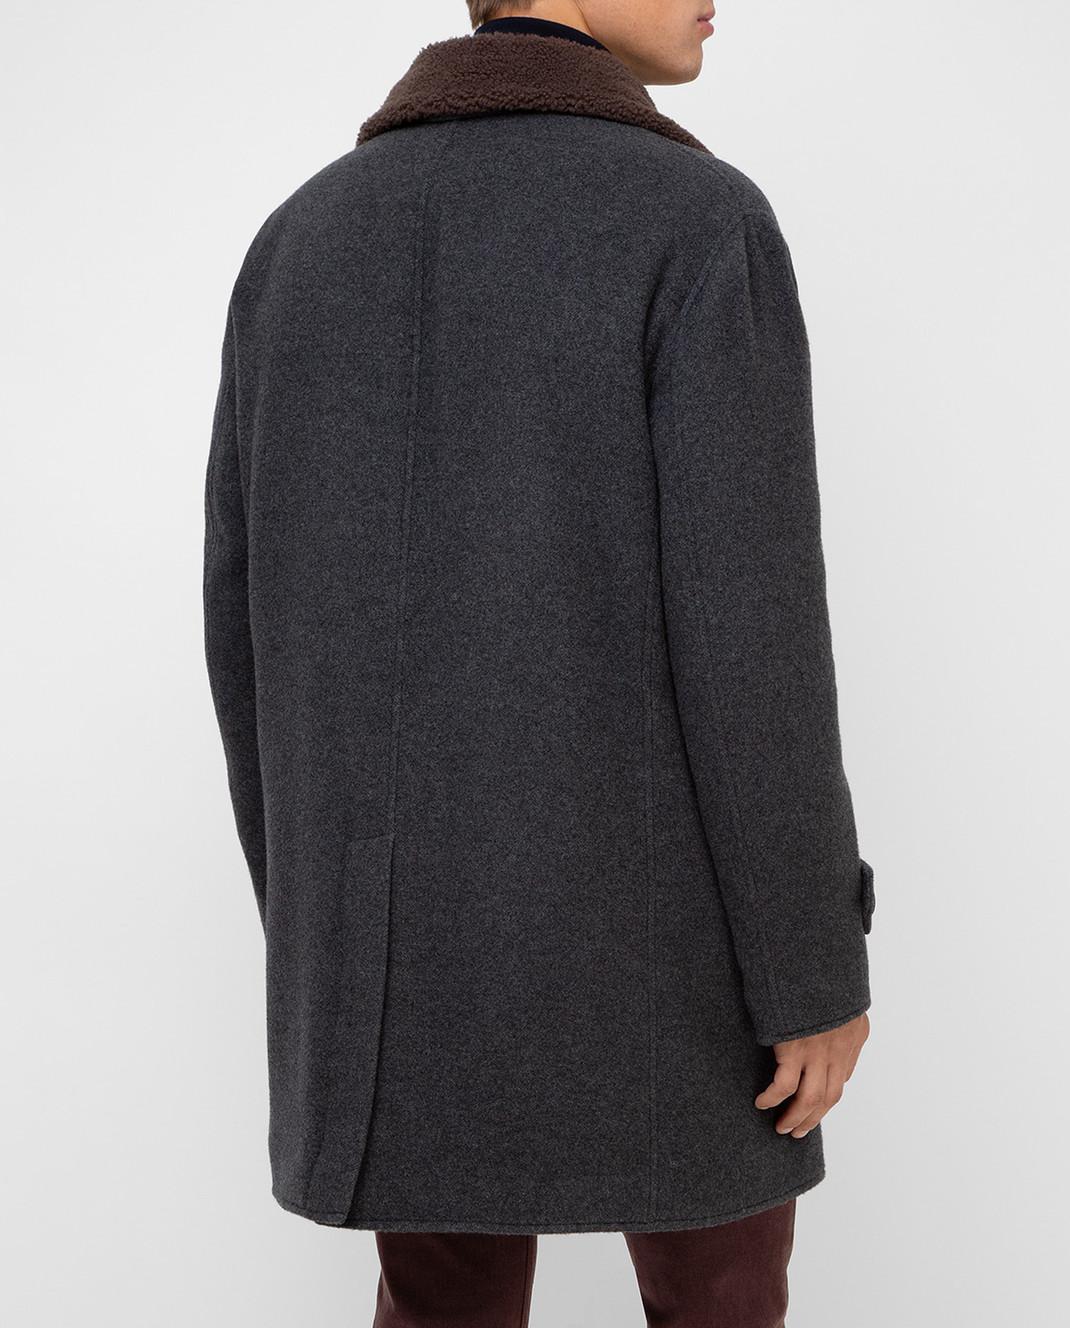 Brunello Cucinelli Серое пальто из кашемира MT4976307 изображение 4